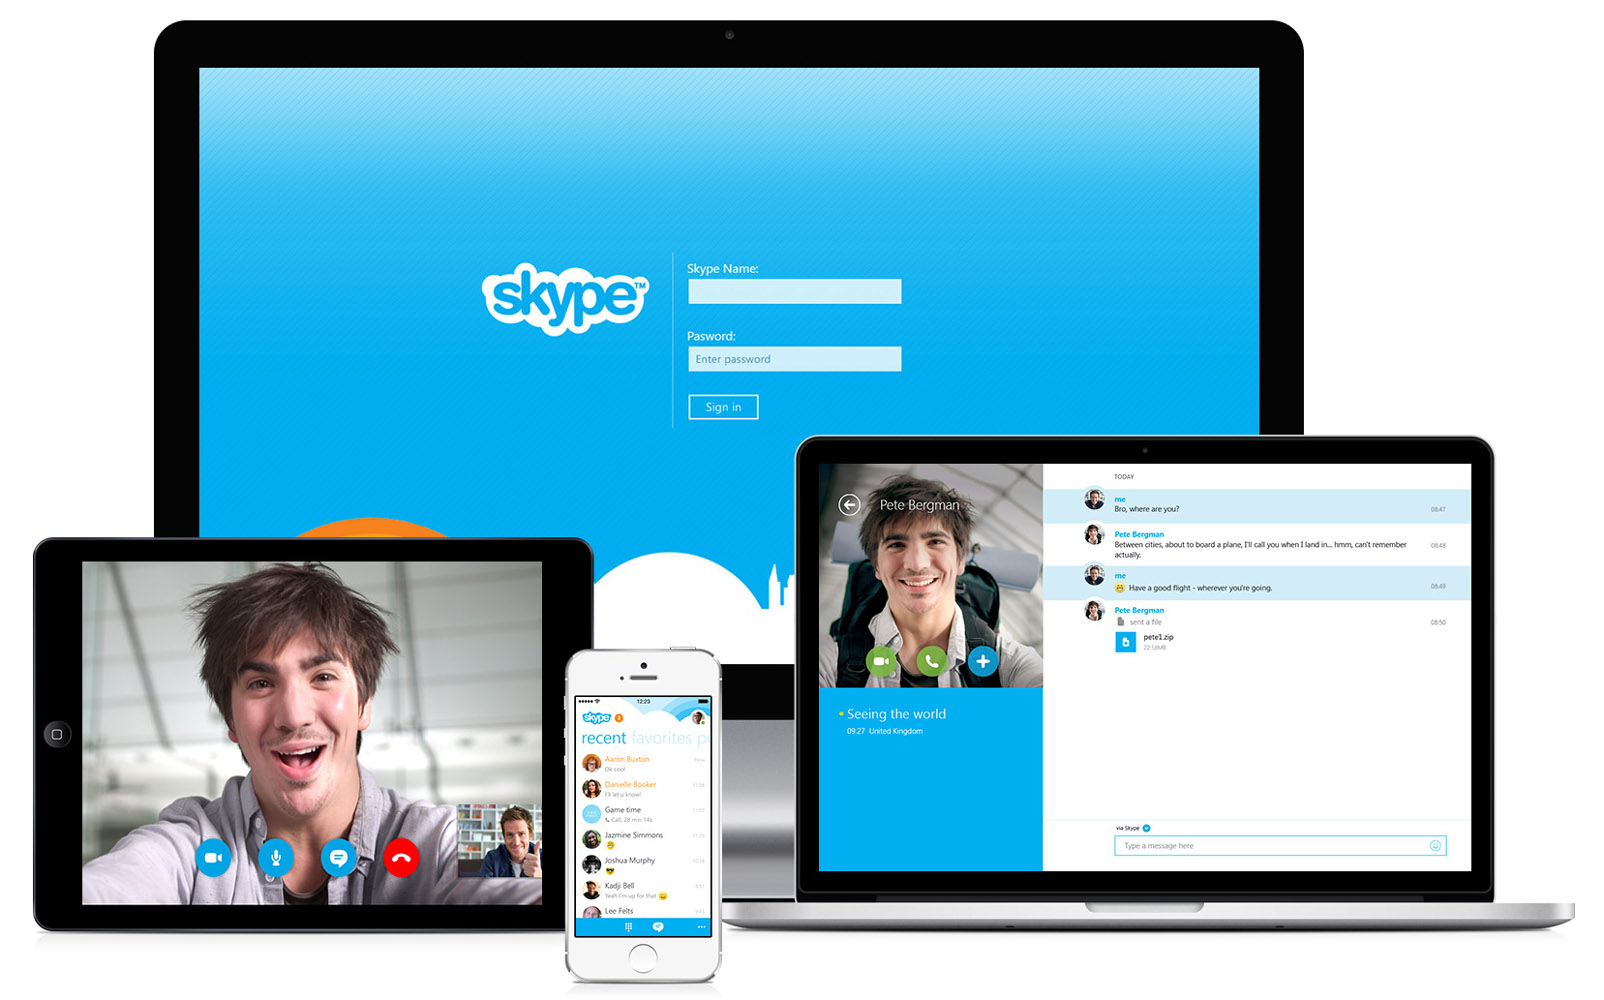 alte skype download